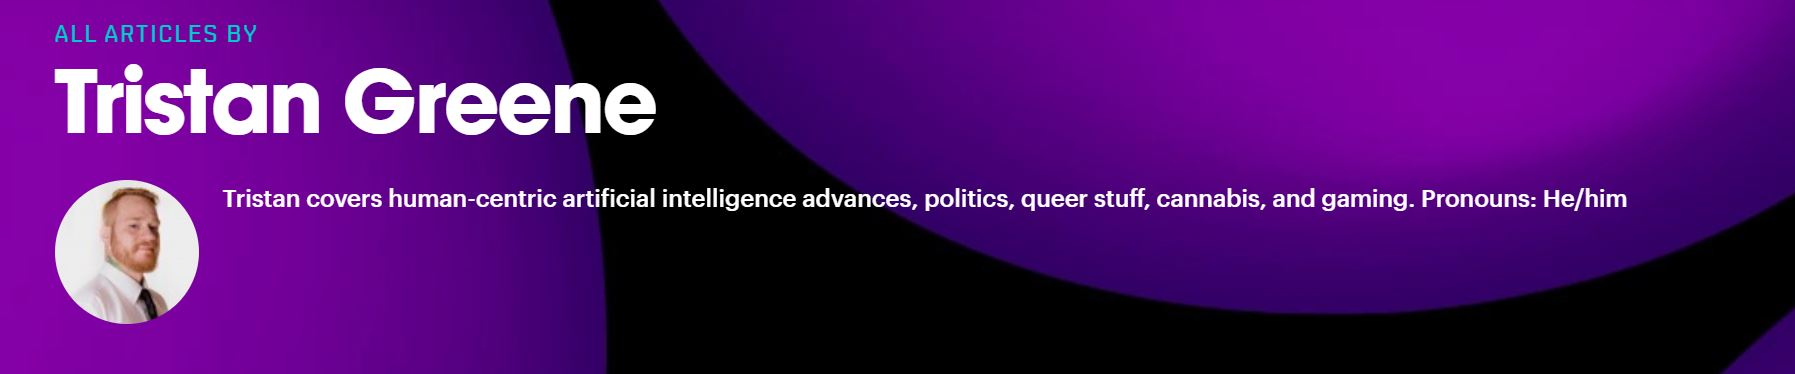 une capture d'écran d'un profil d'auteur TNW